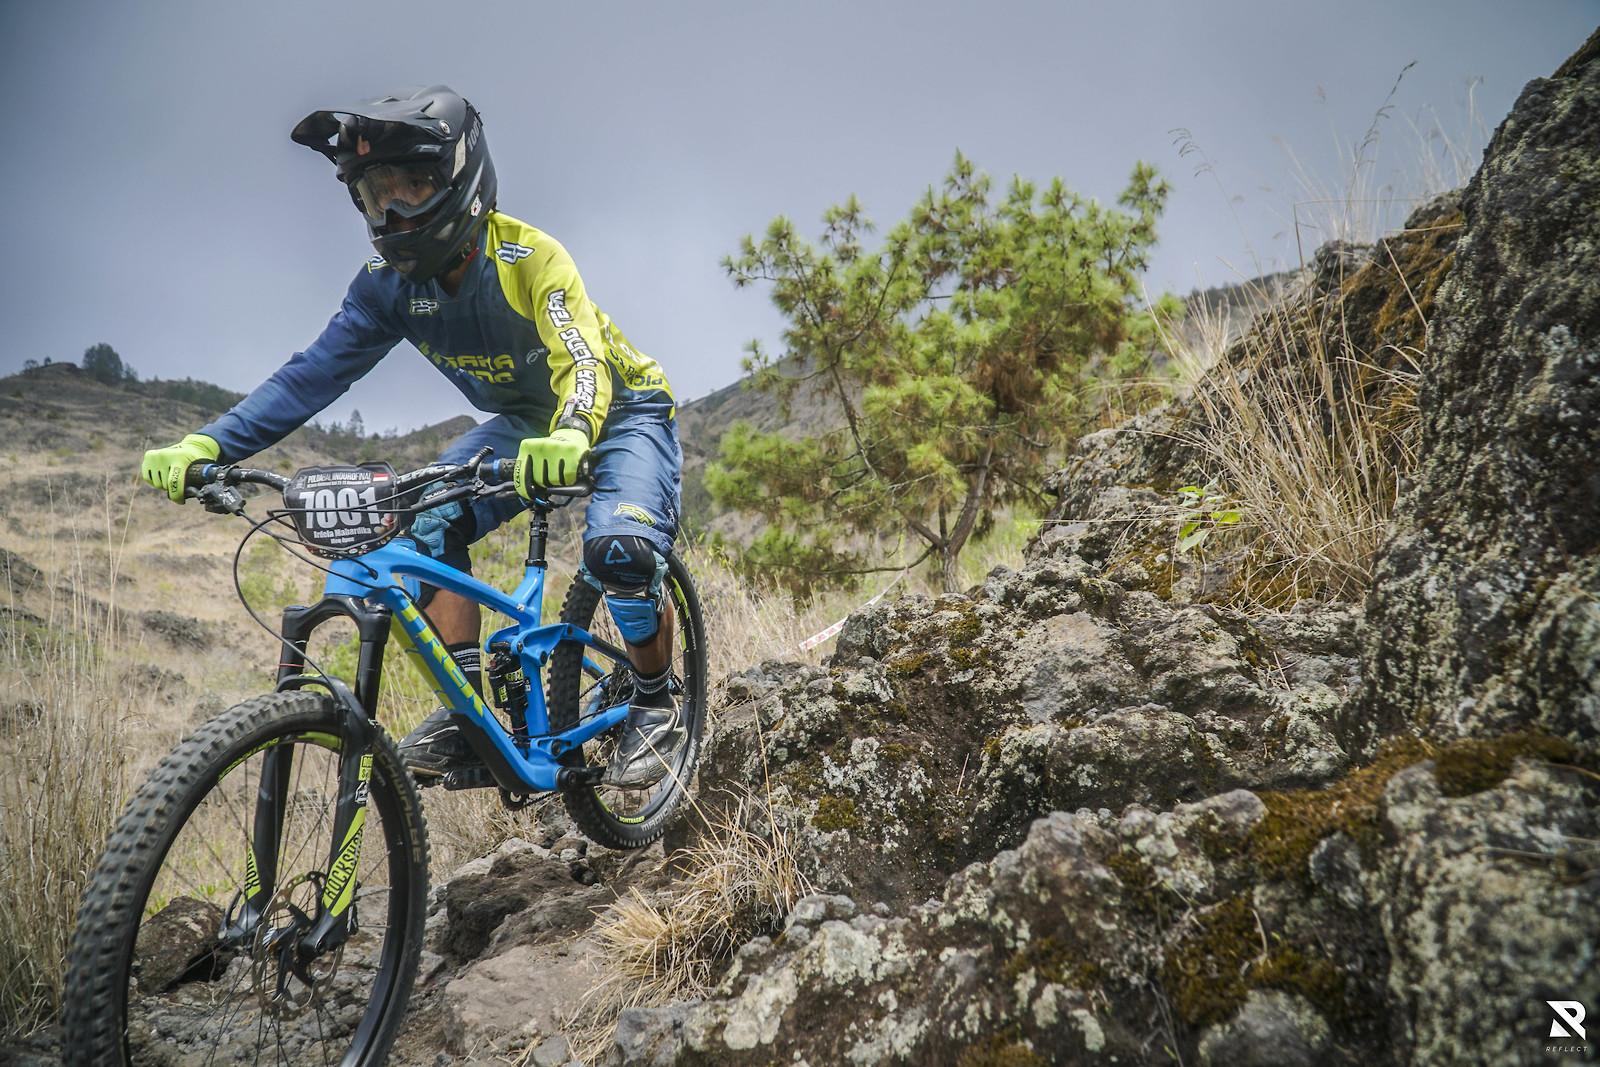 Eyes on prize - RezaAkhmad - Mountain Biking Pictures - Vital MTB